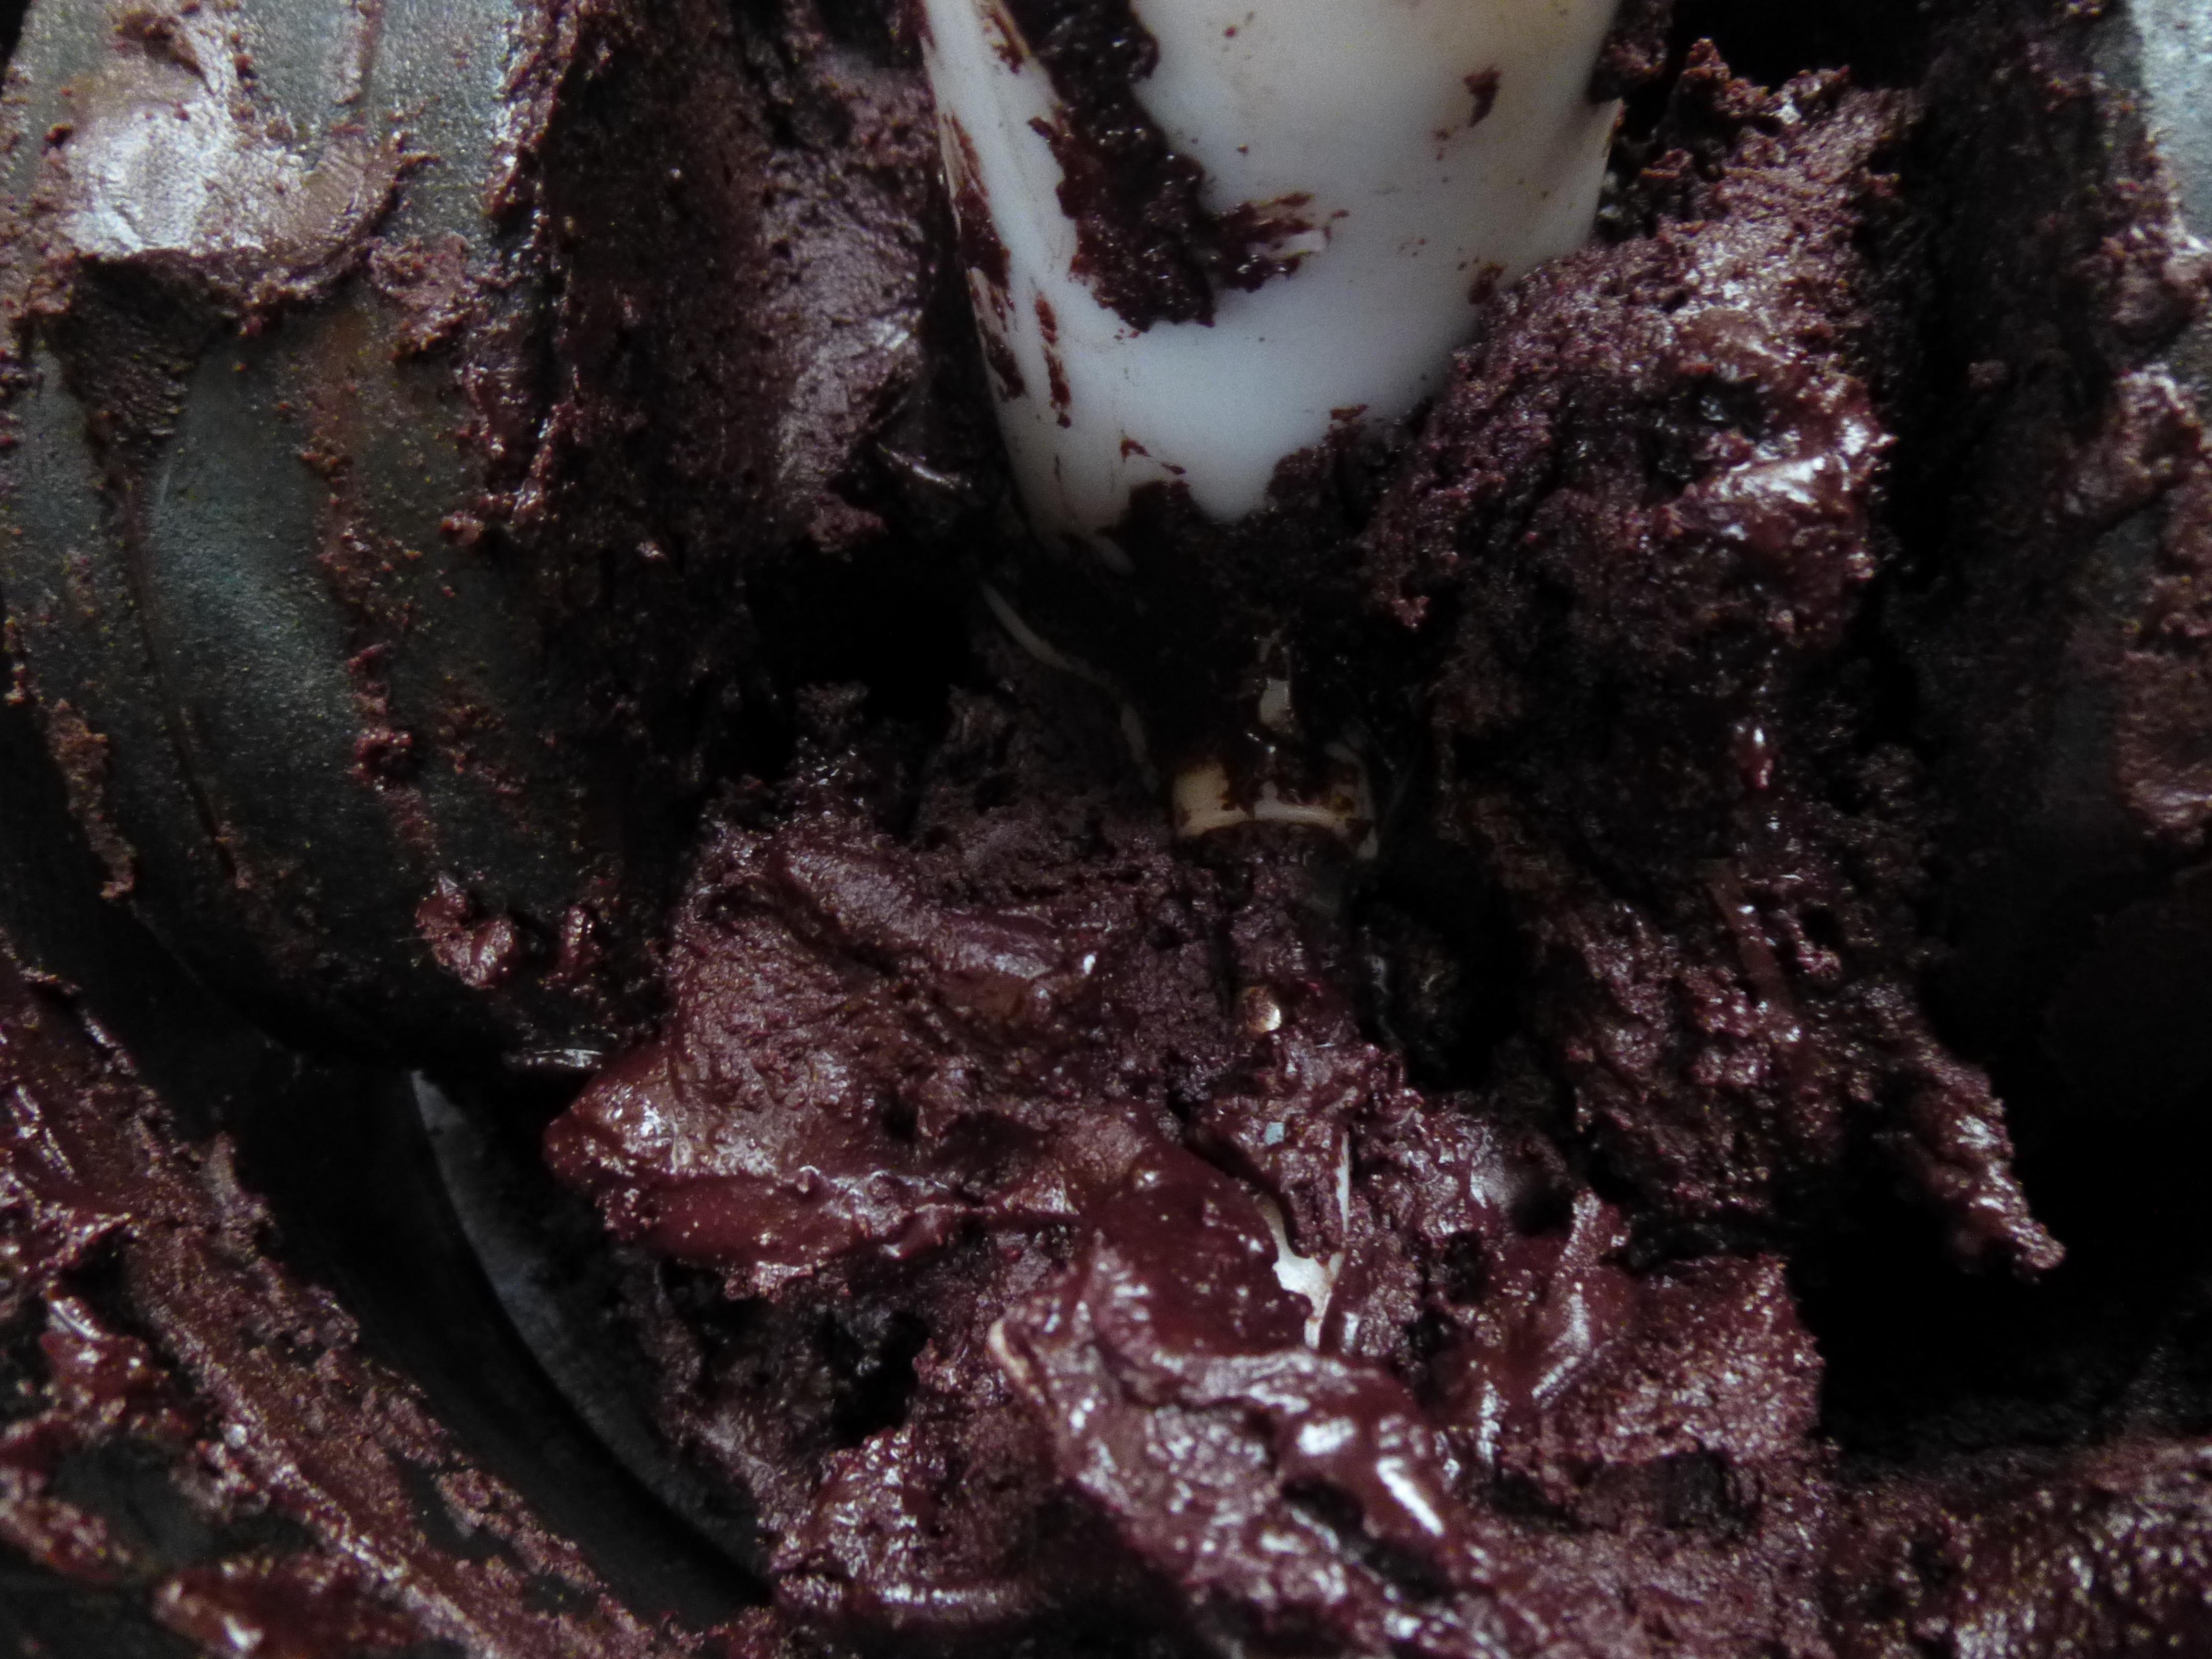 Ecuador Finca 015 - How is Chocolate Made?